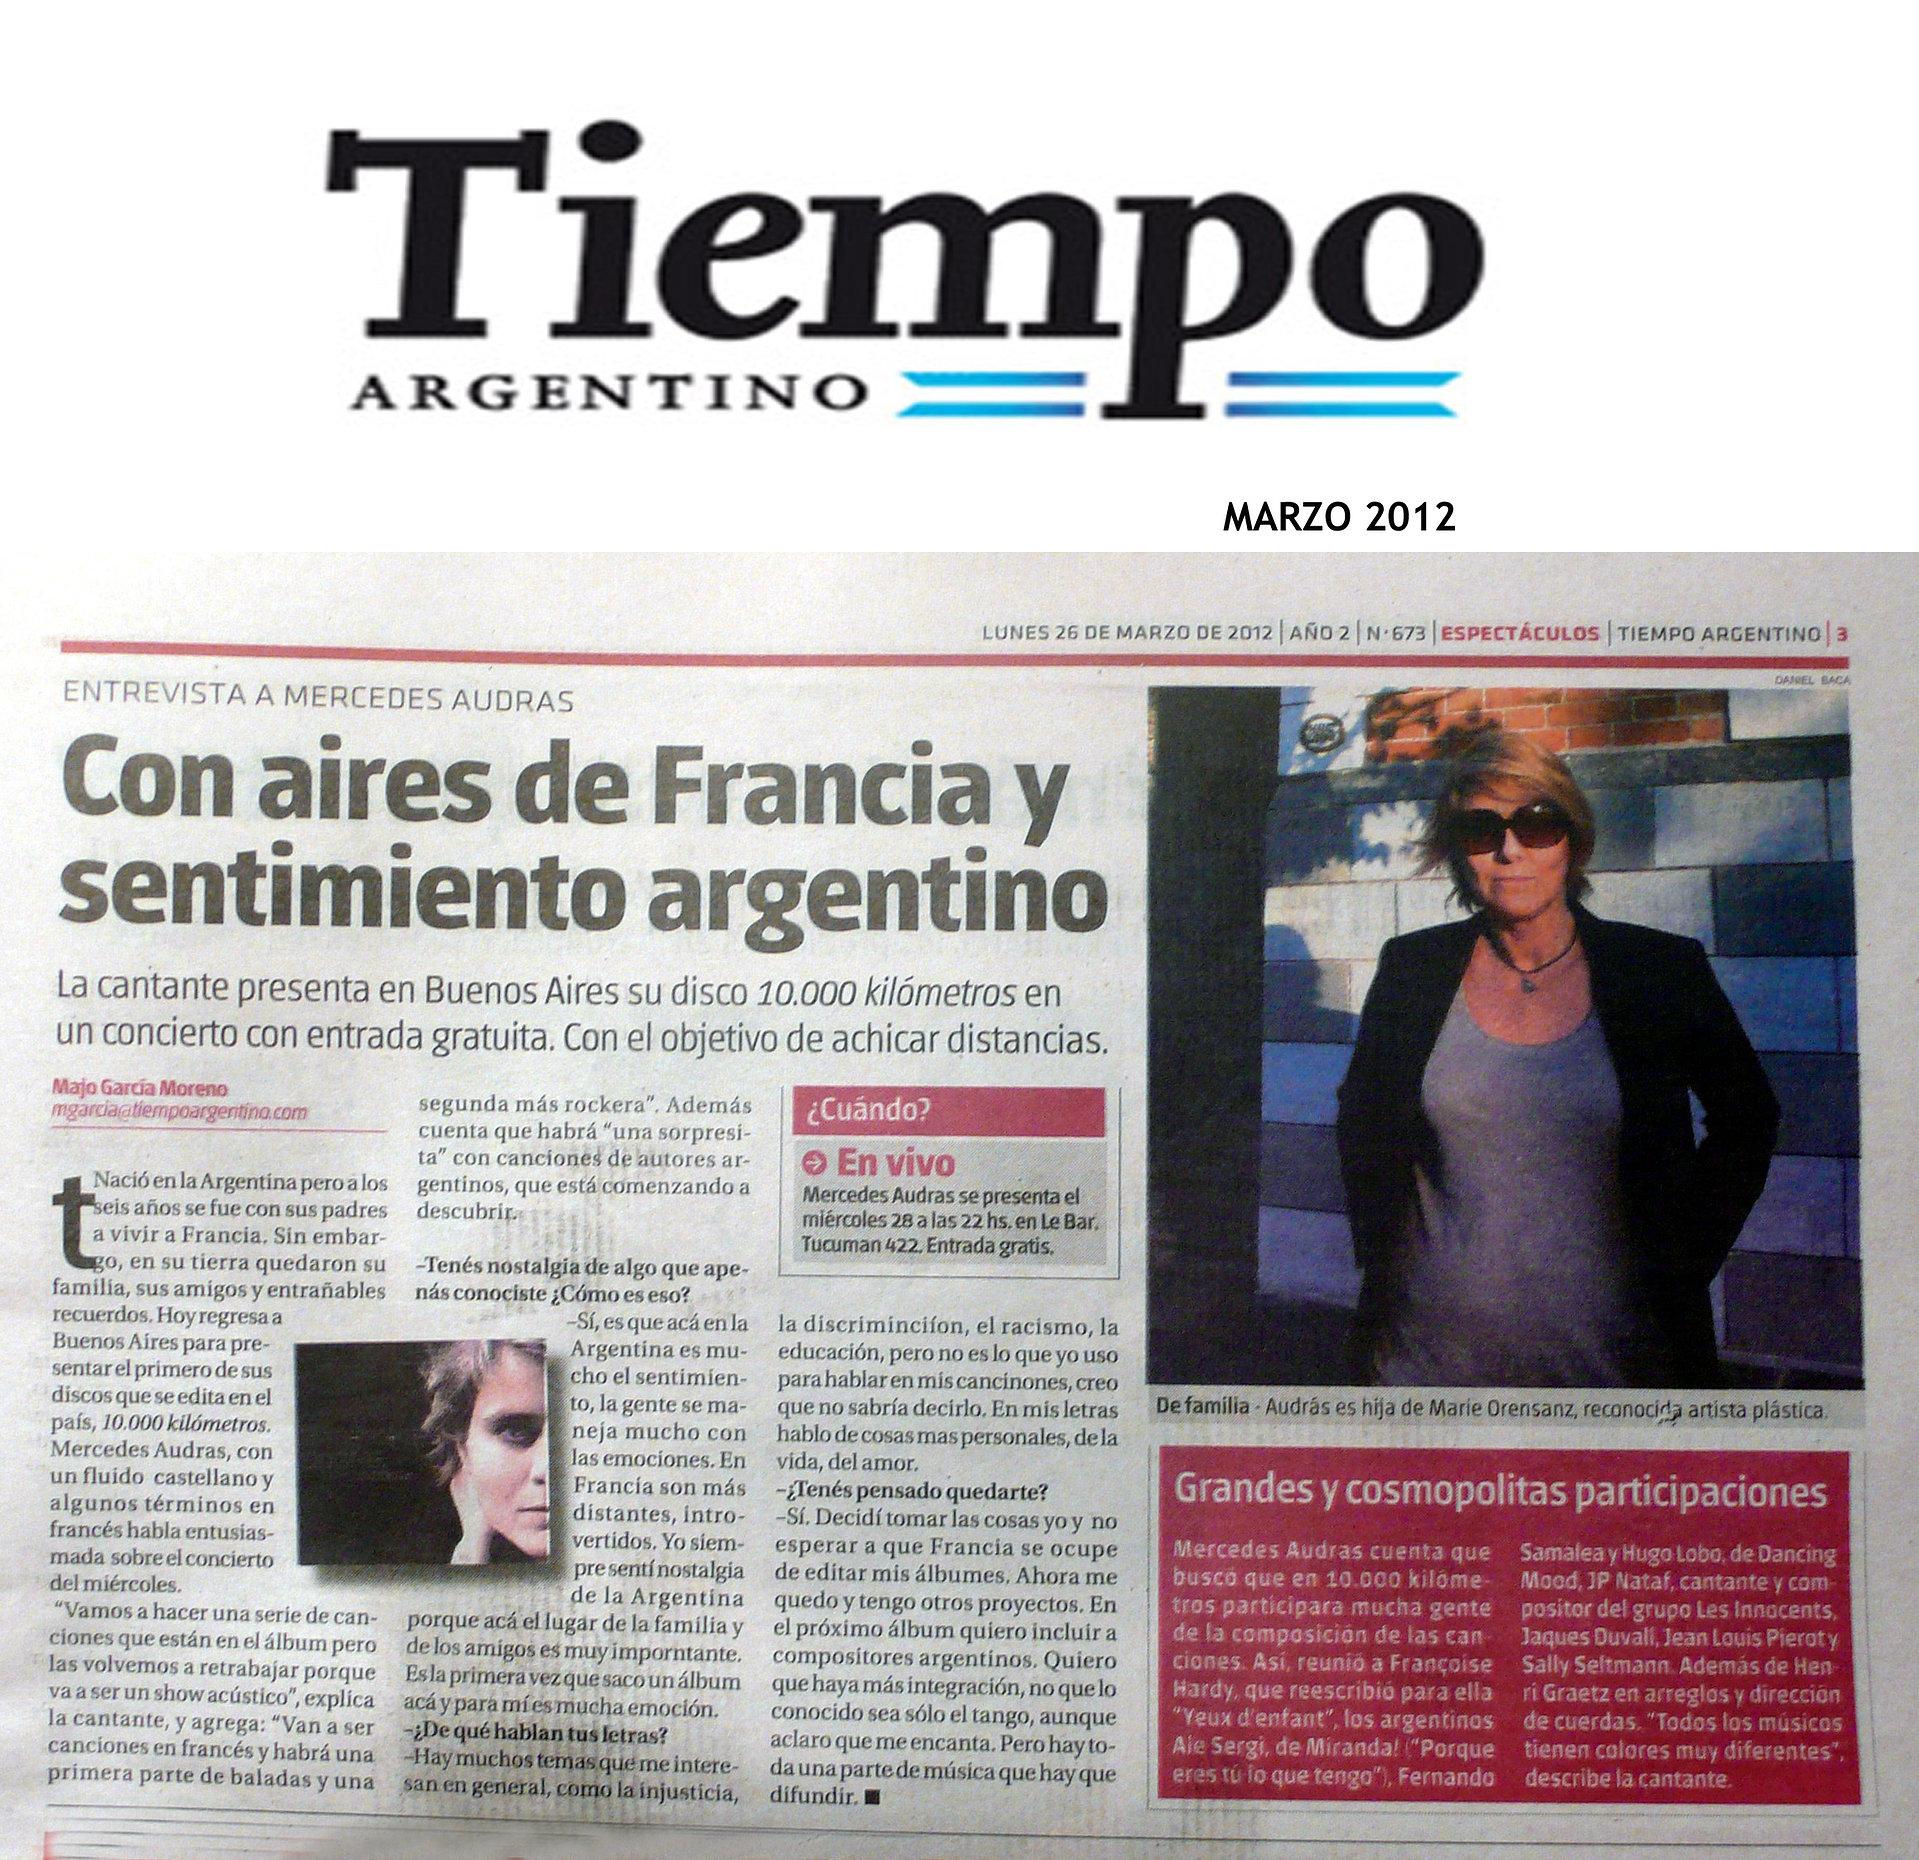 TIEMPO+ARGENTINO+NOTA+2012